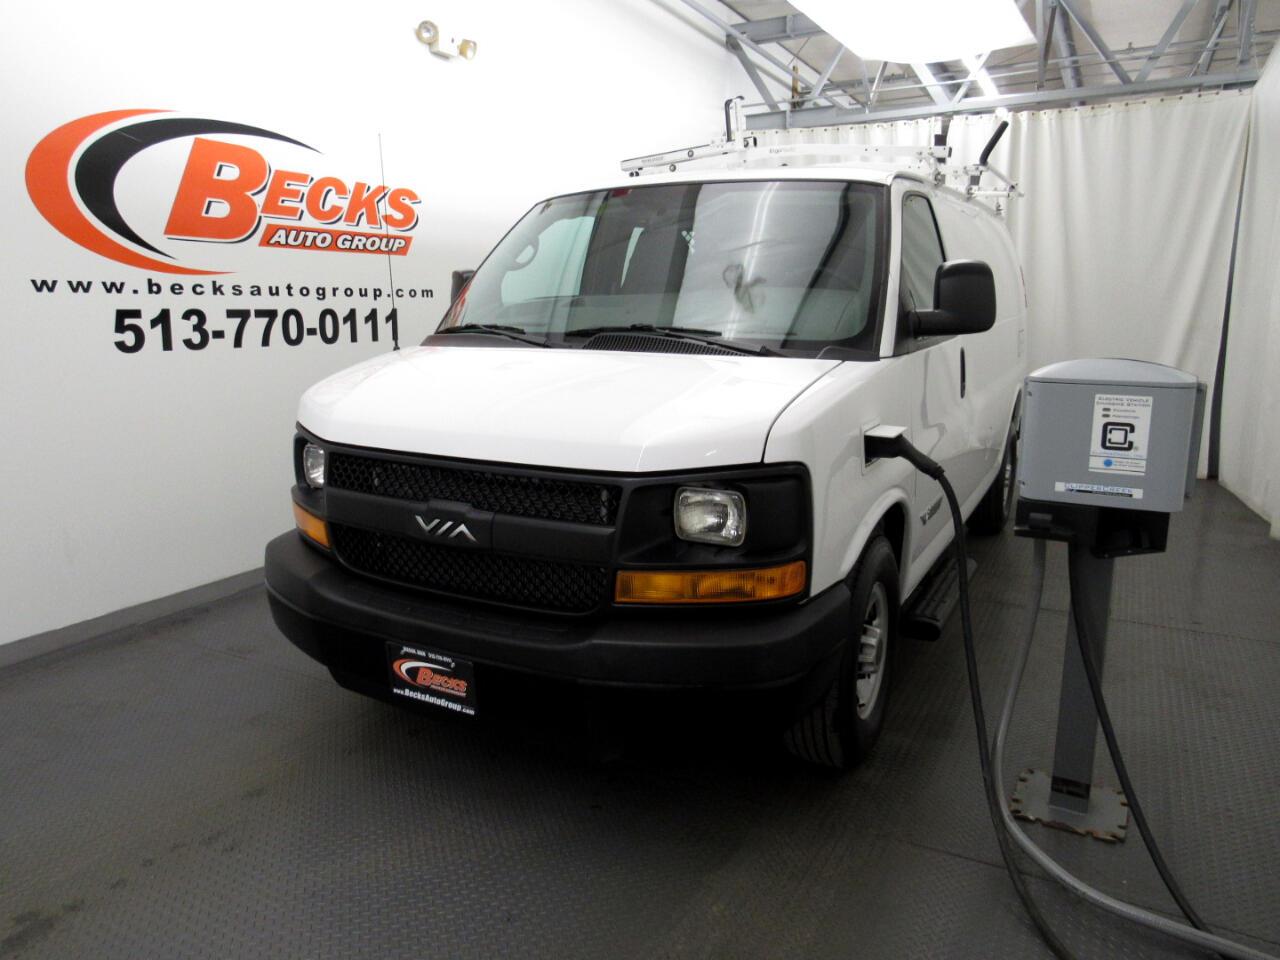 2014 Chevrolet Express Cargo Van Electric Cargo Van